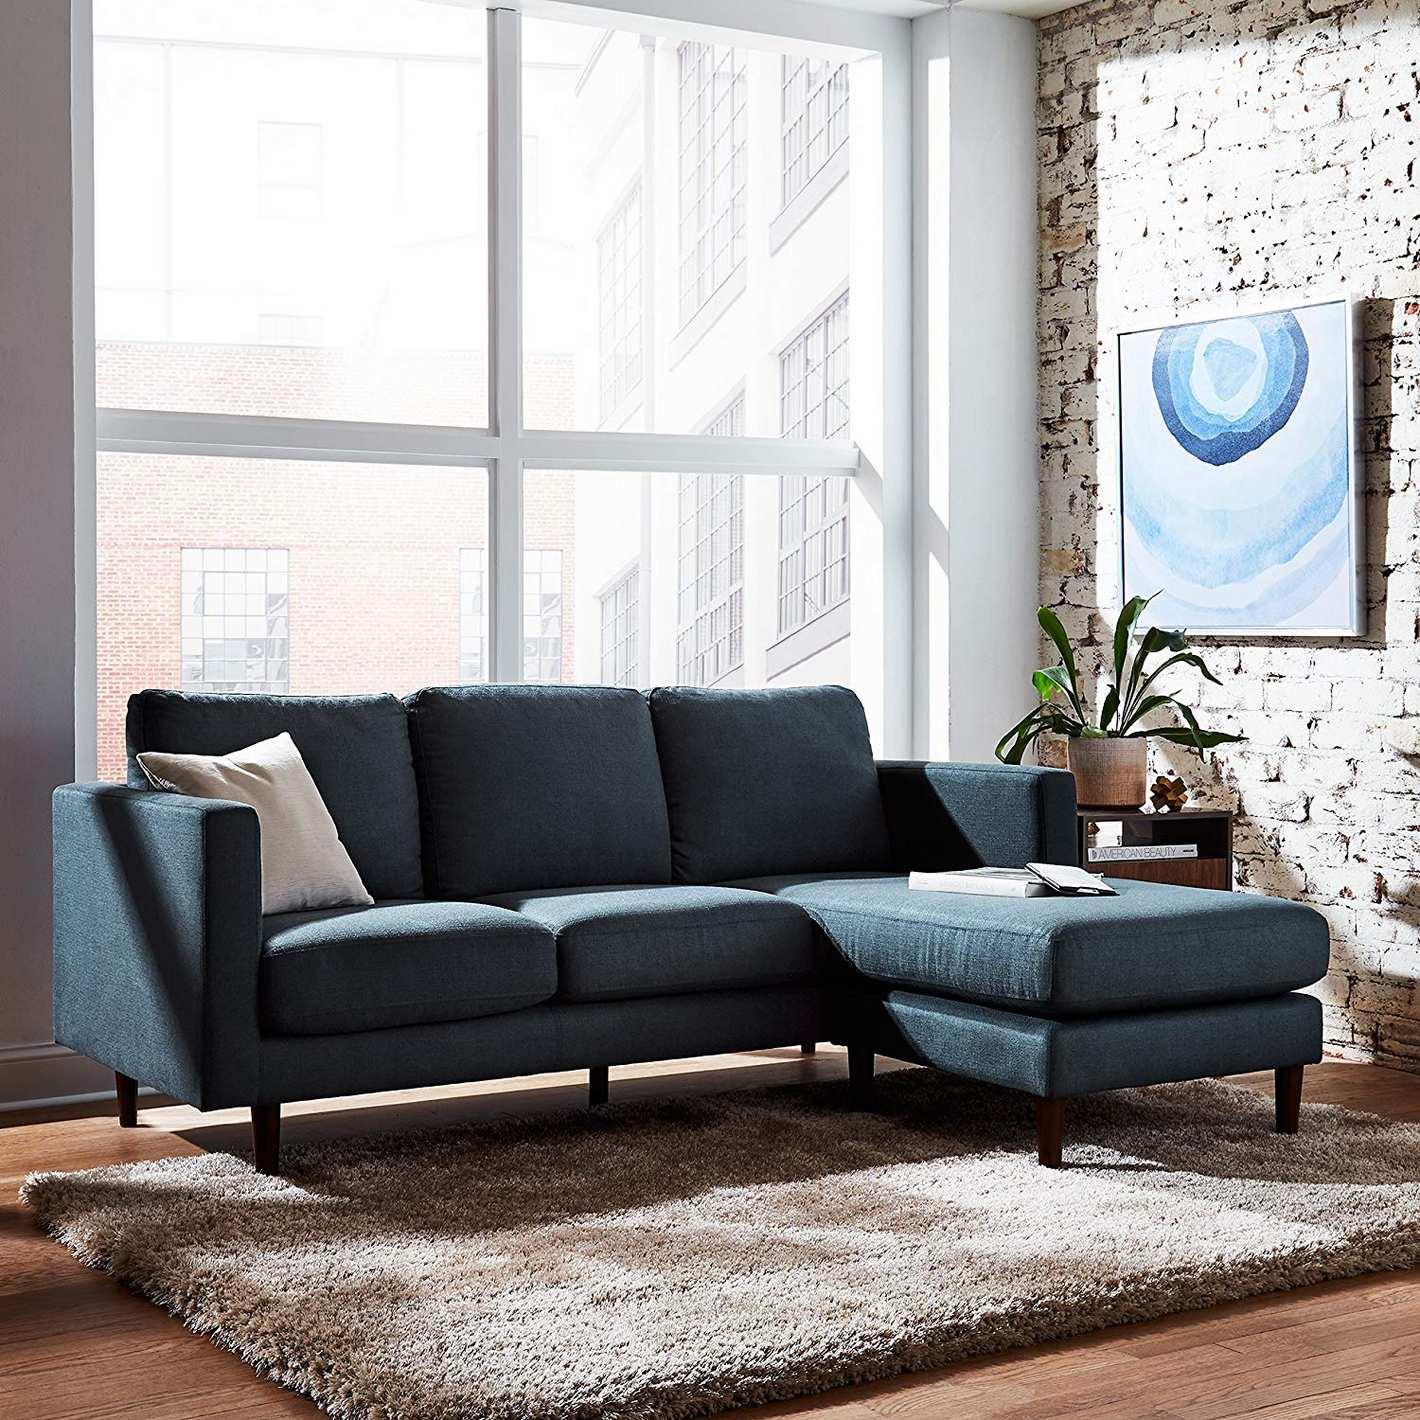 Rivet Revolve Mid-Century Modern Sectional Sofa